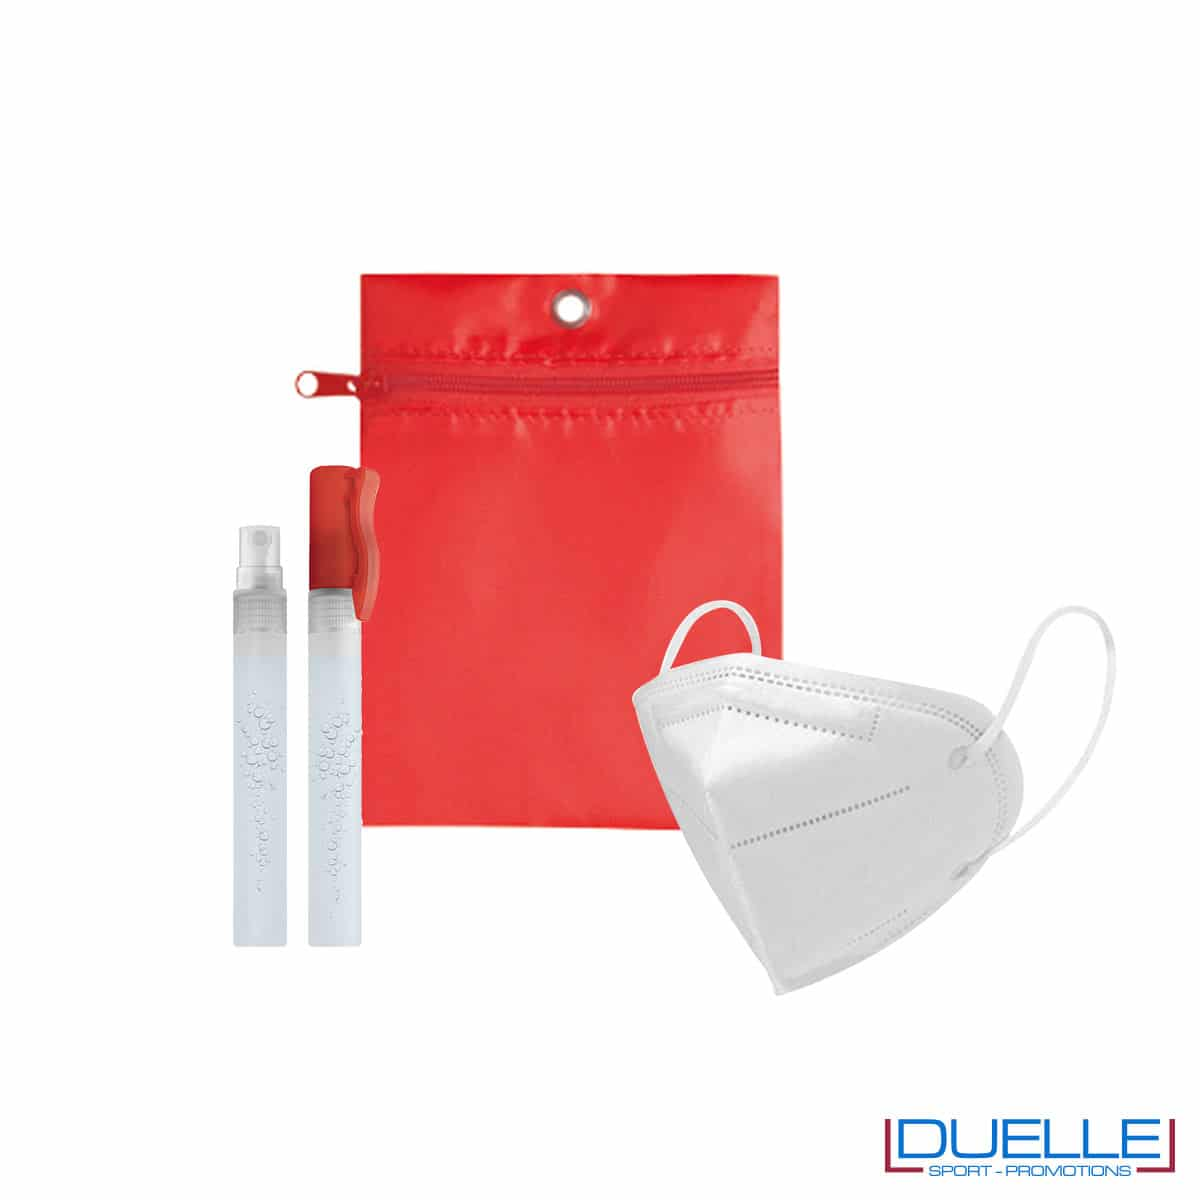 Kit di benvenuto igienizzante colore rosso personalizzato con il tuo logo